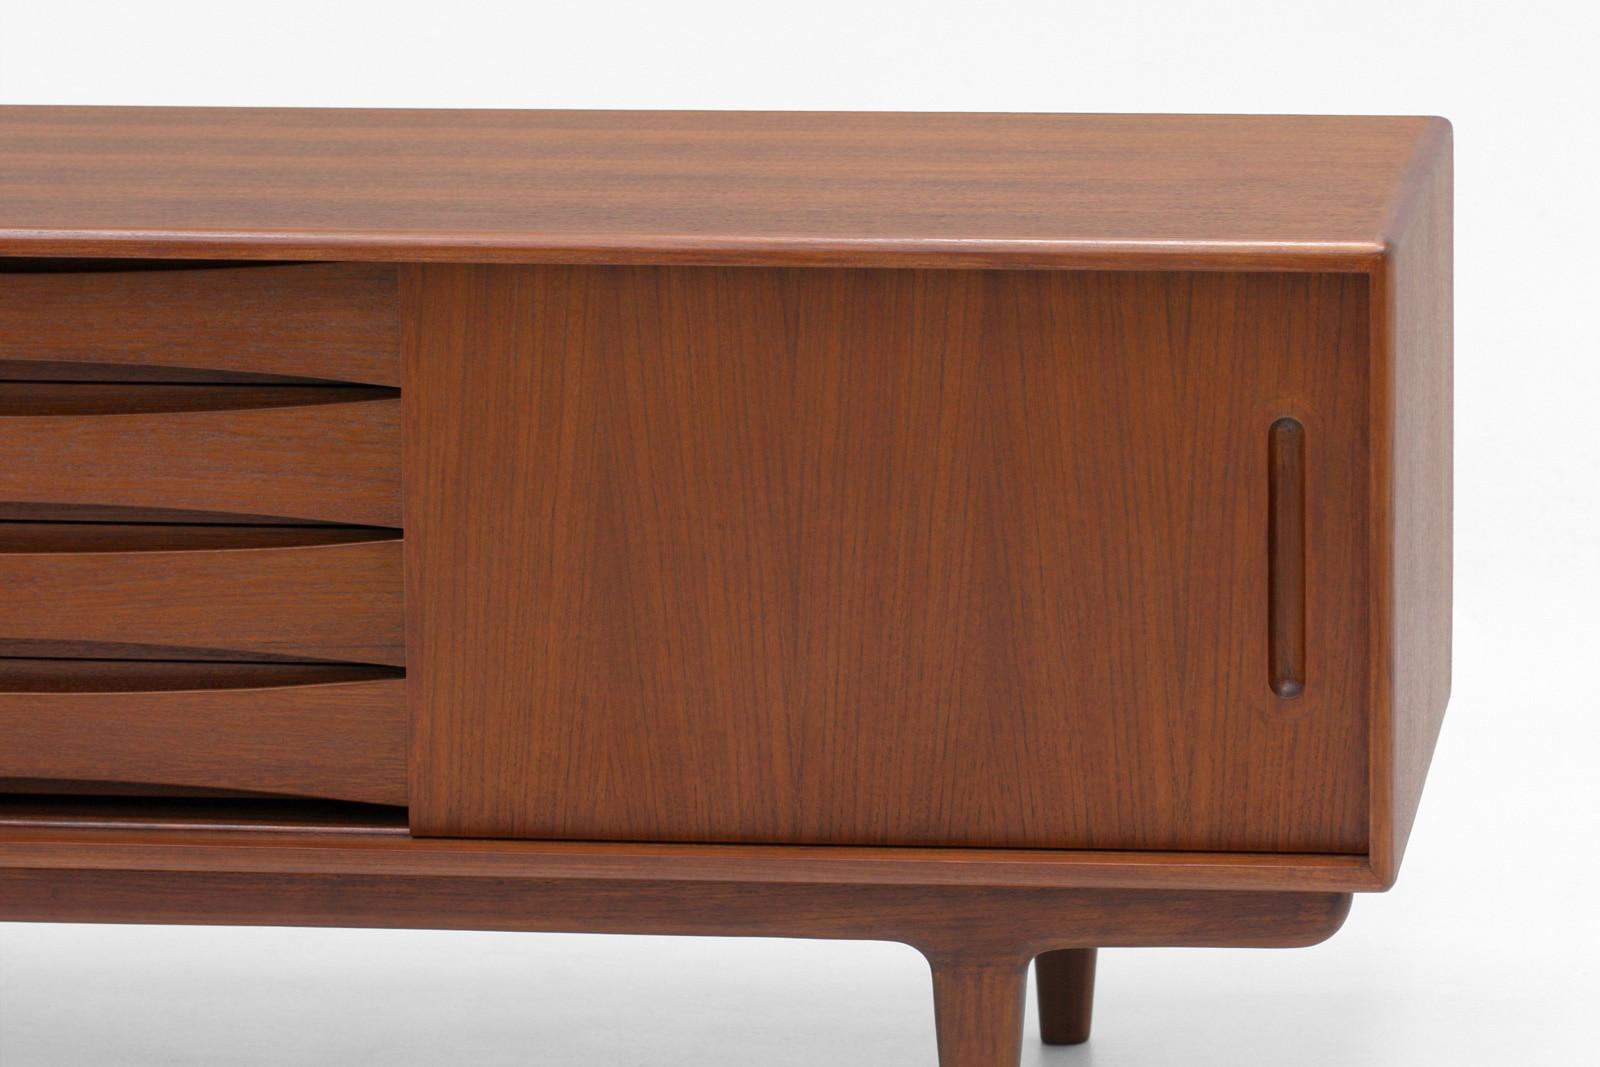 北欧,テレビボード,デンマーク,クロッケン,家具,チーク材